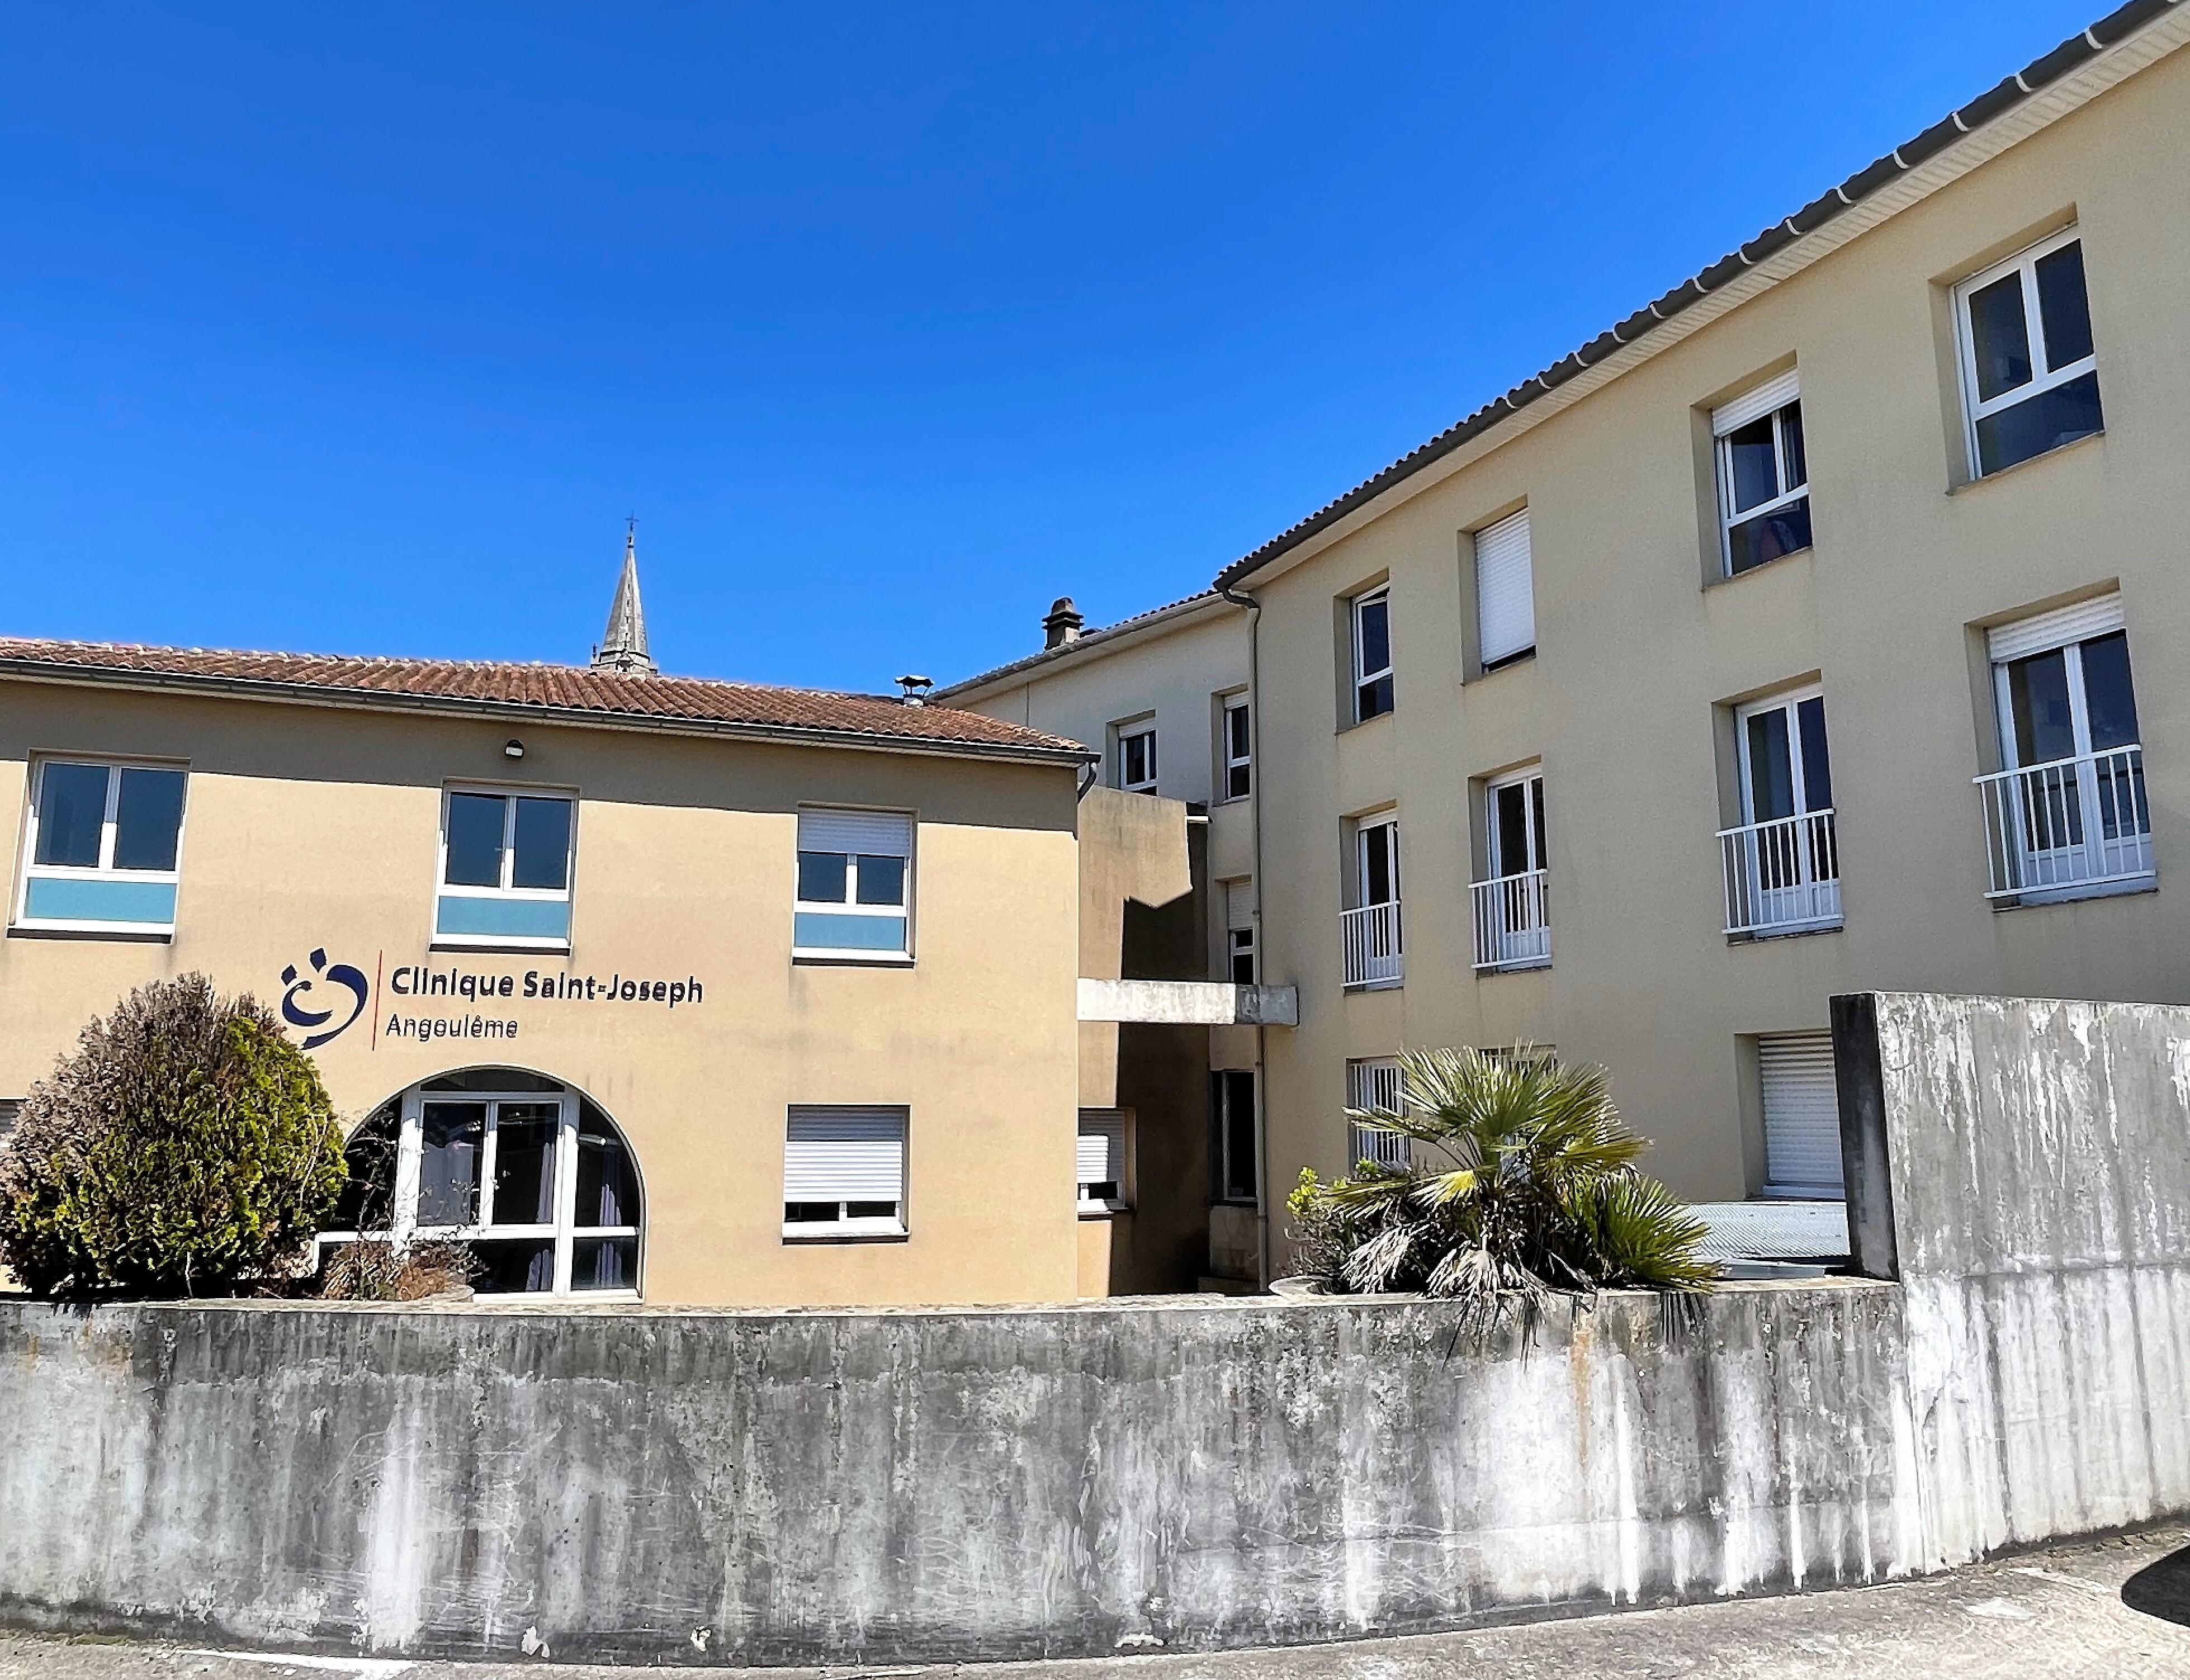 Le 1er Juin 2021, la Clinique Saint-Joseph Angoulême fête ses 100 ans